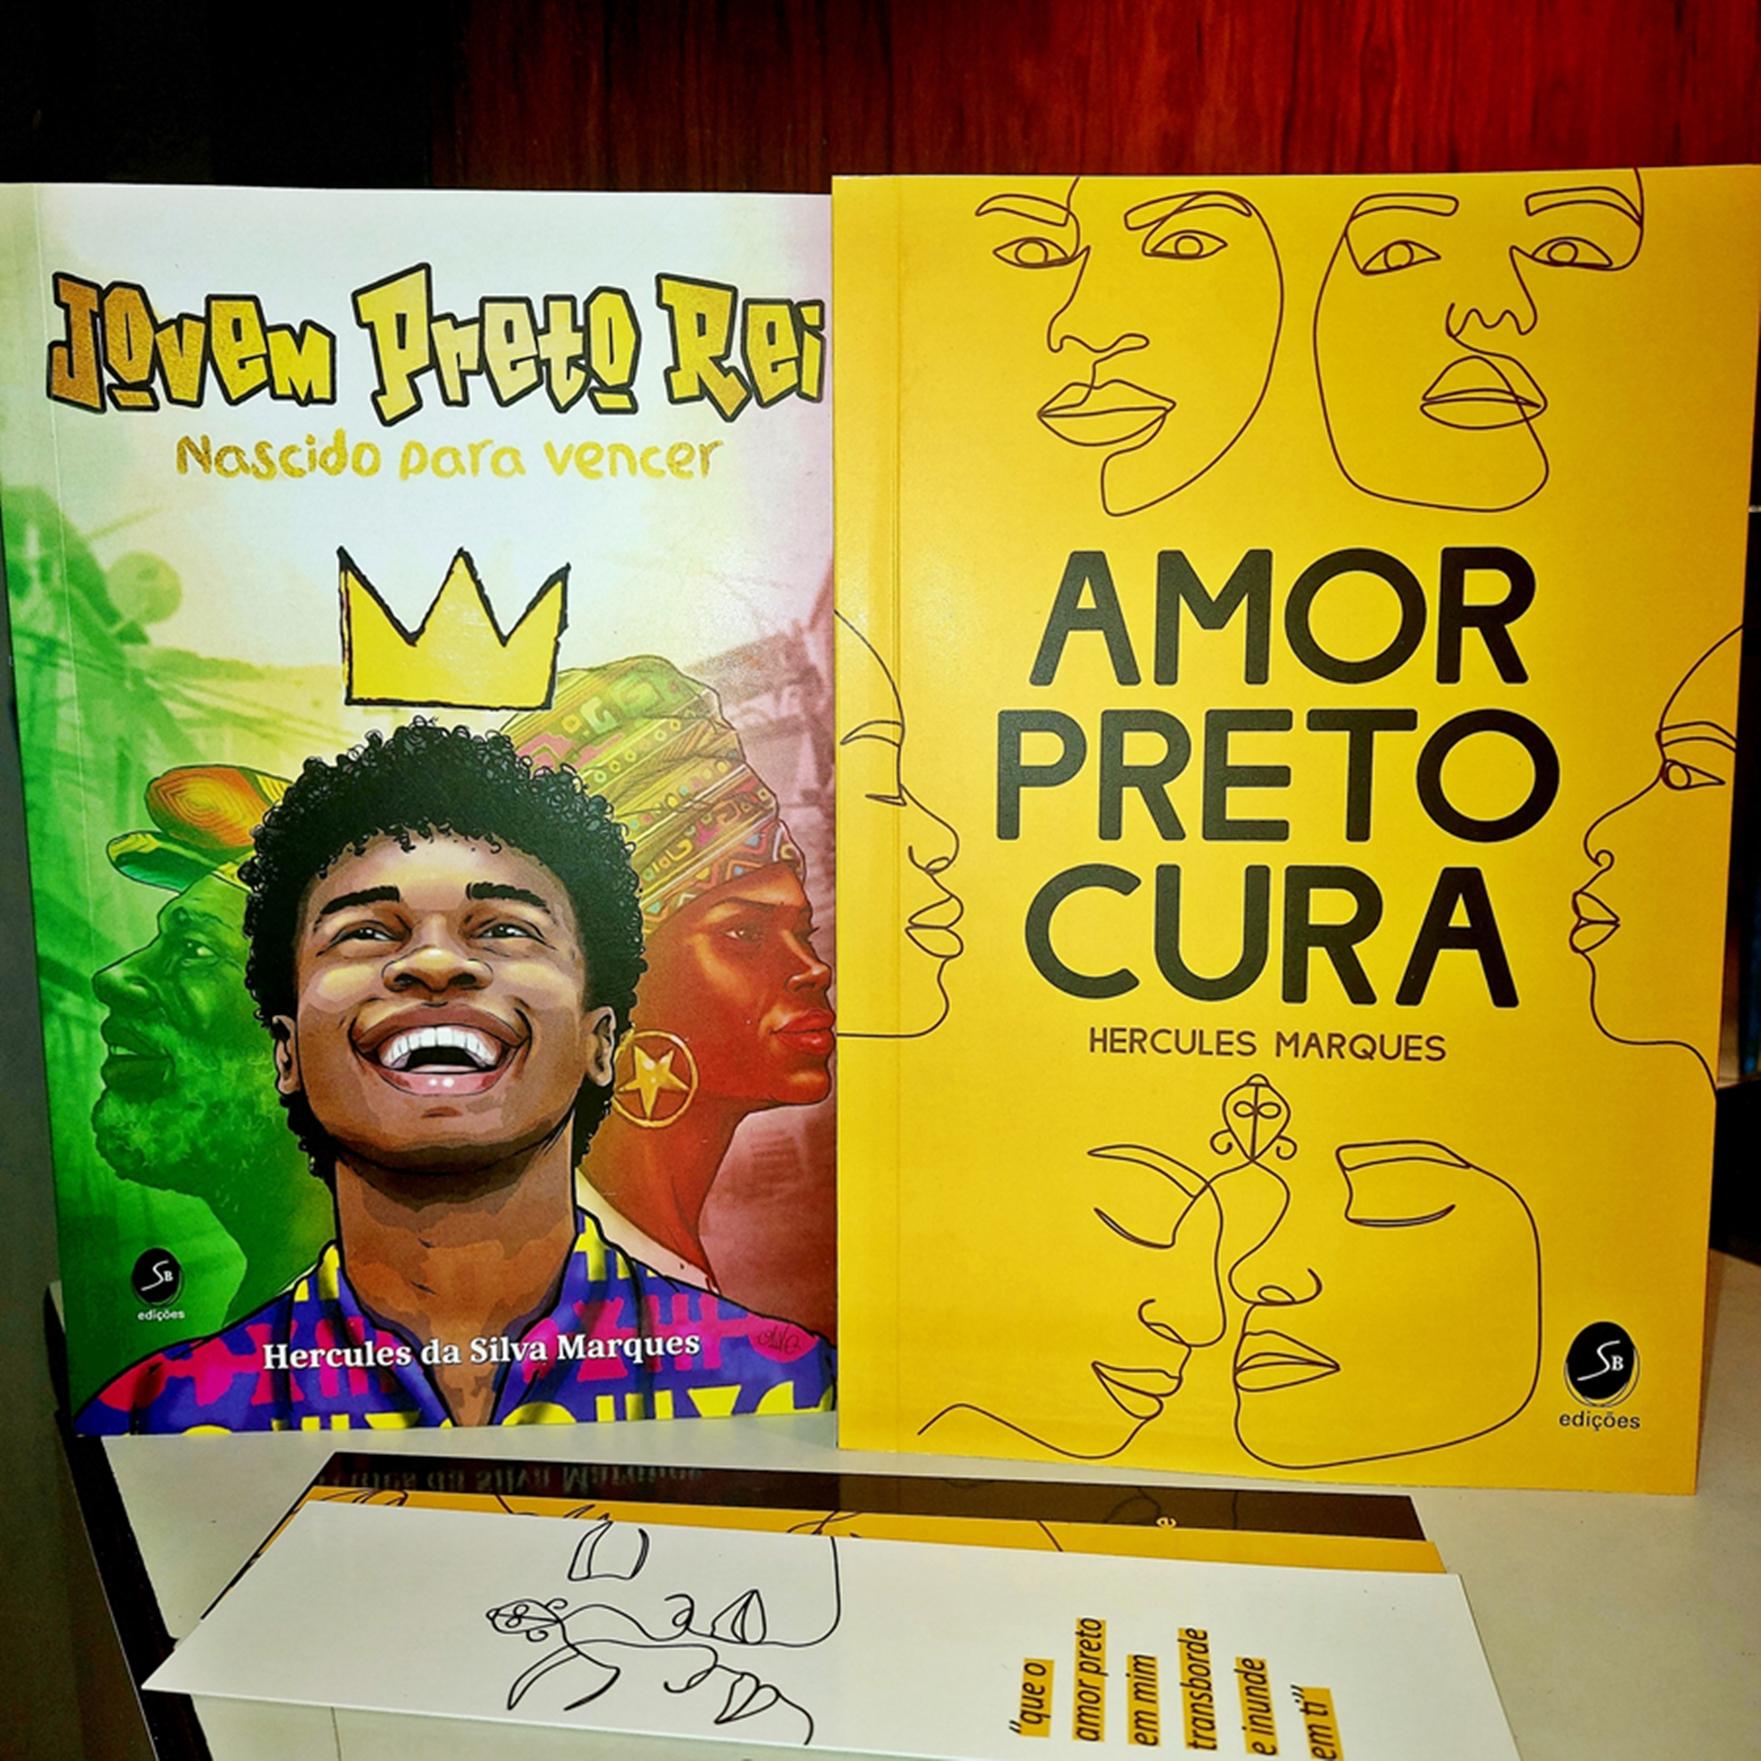 Box - Jovem Preto Rei + Amor Preto Cura + 3 marca páginas de brinde